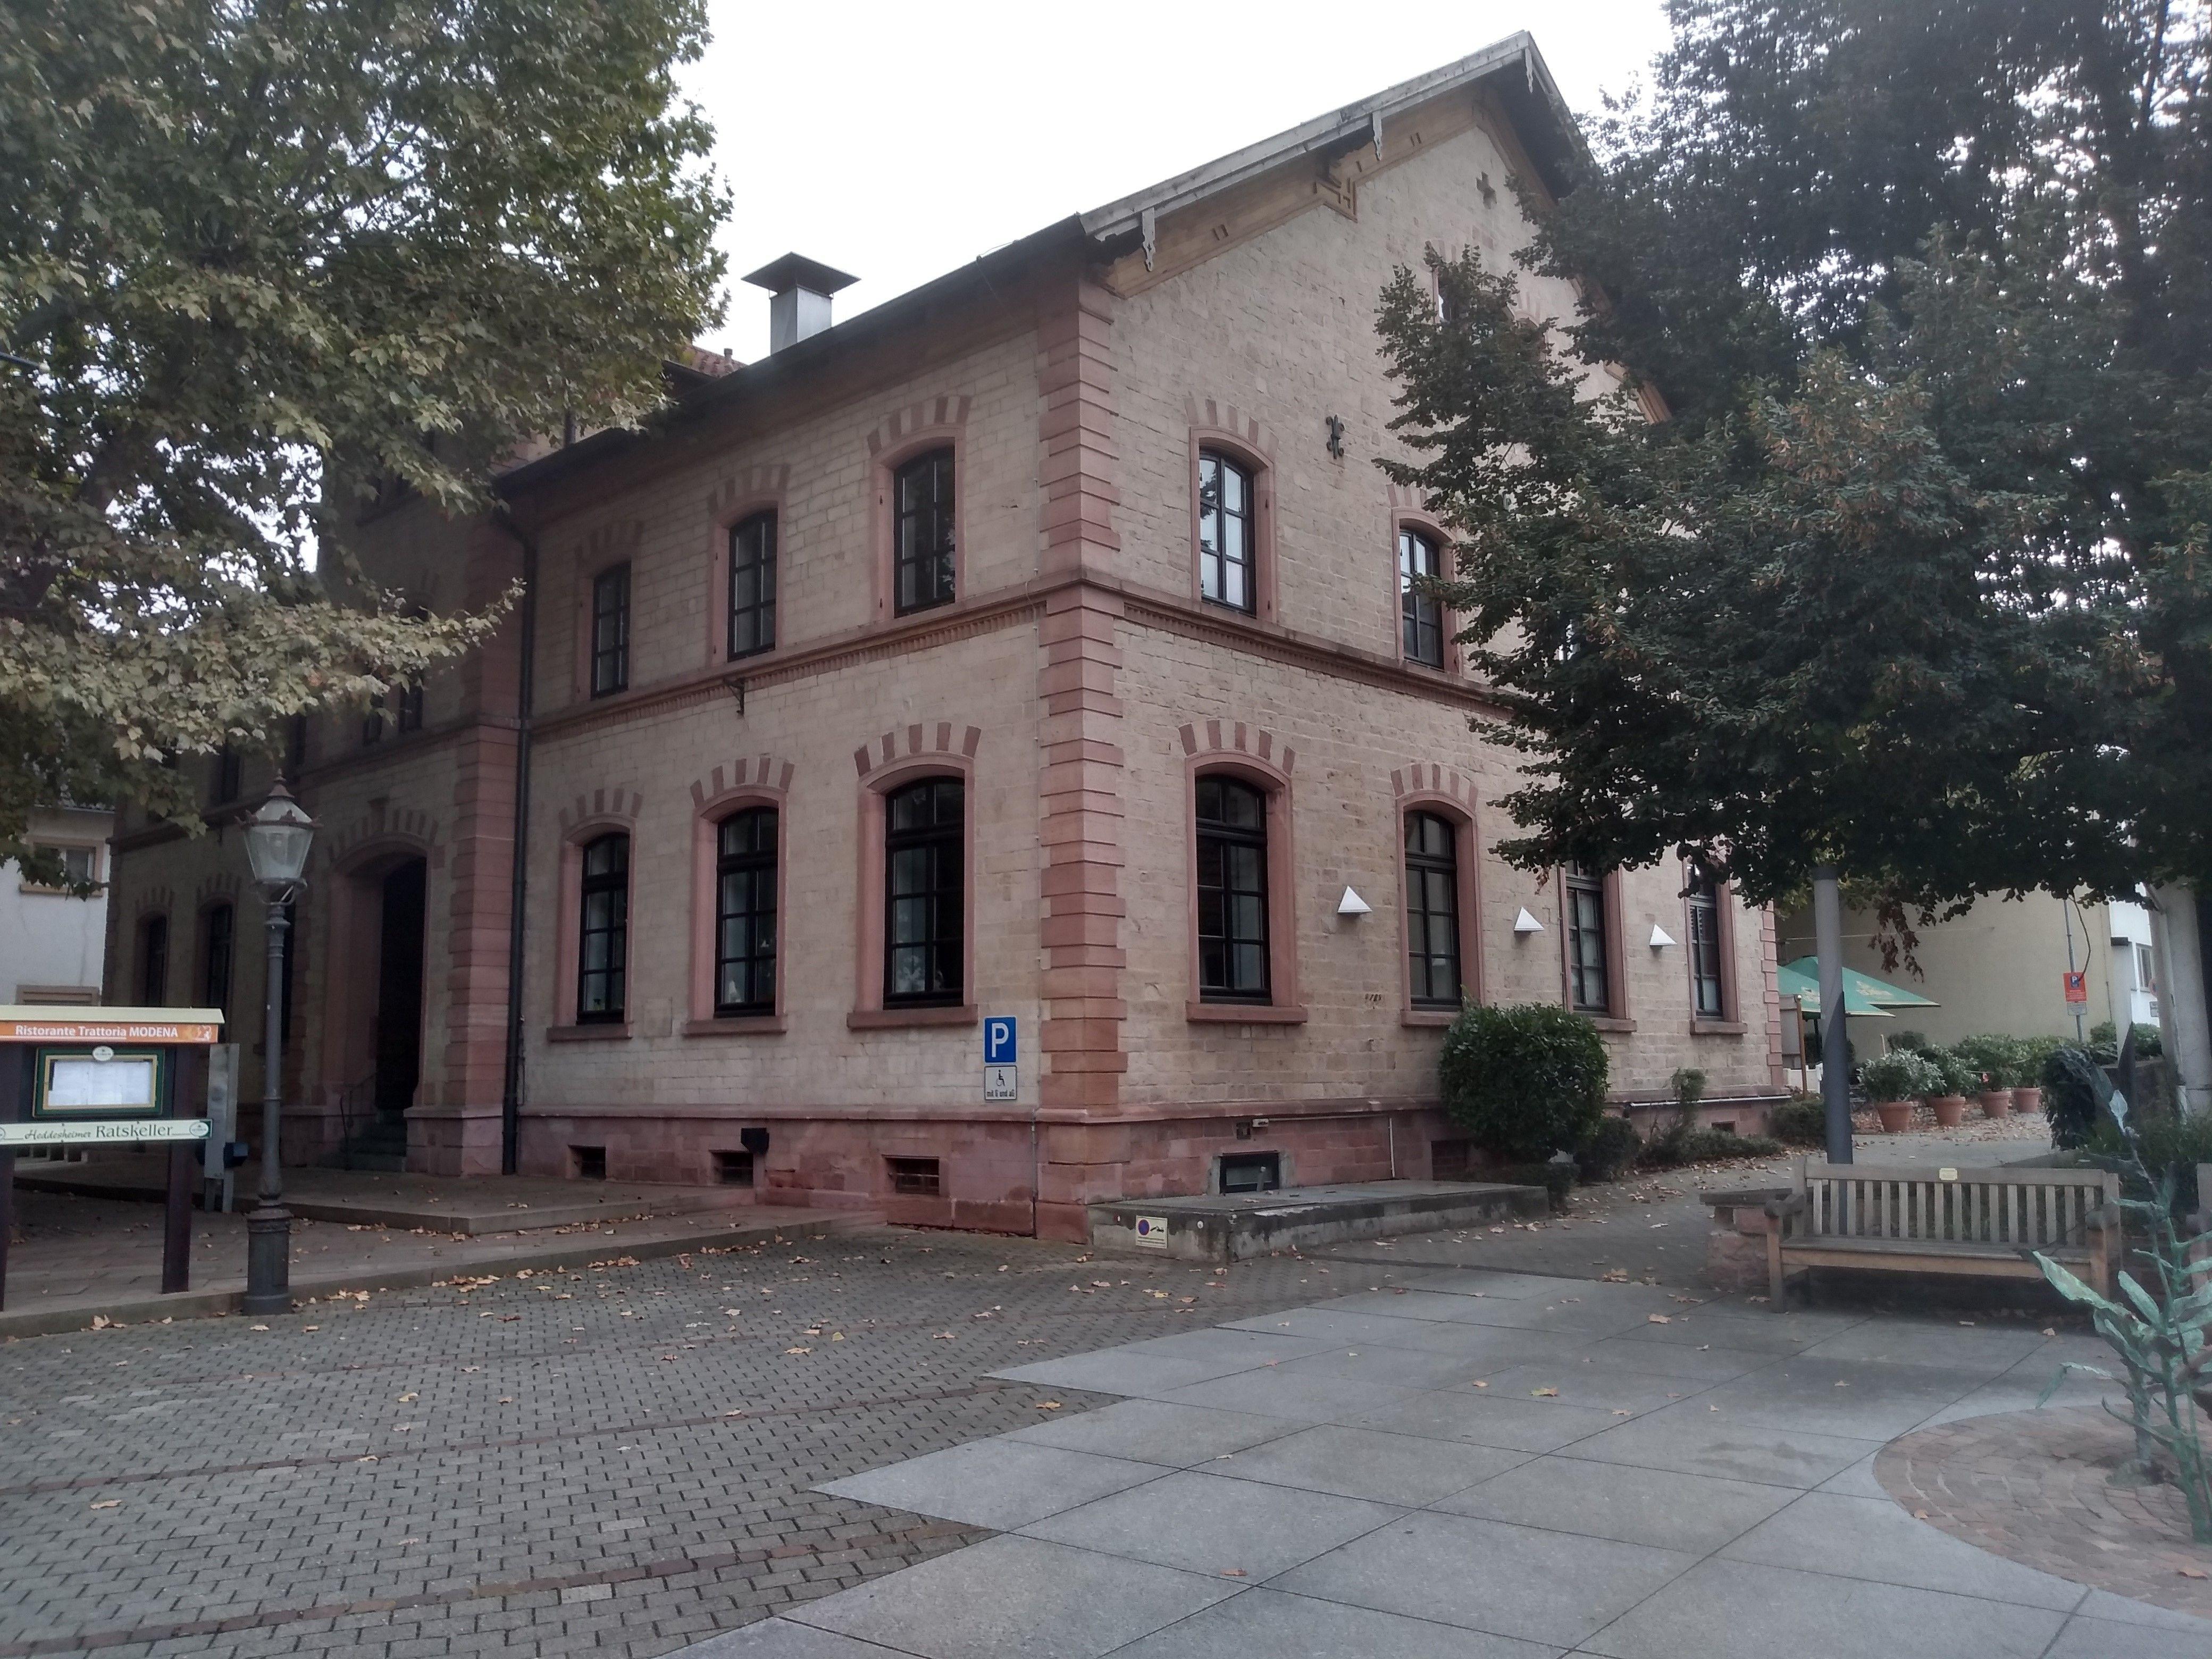 Foto unseres Gebäudes